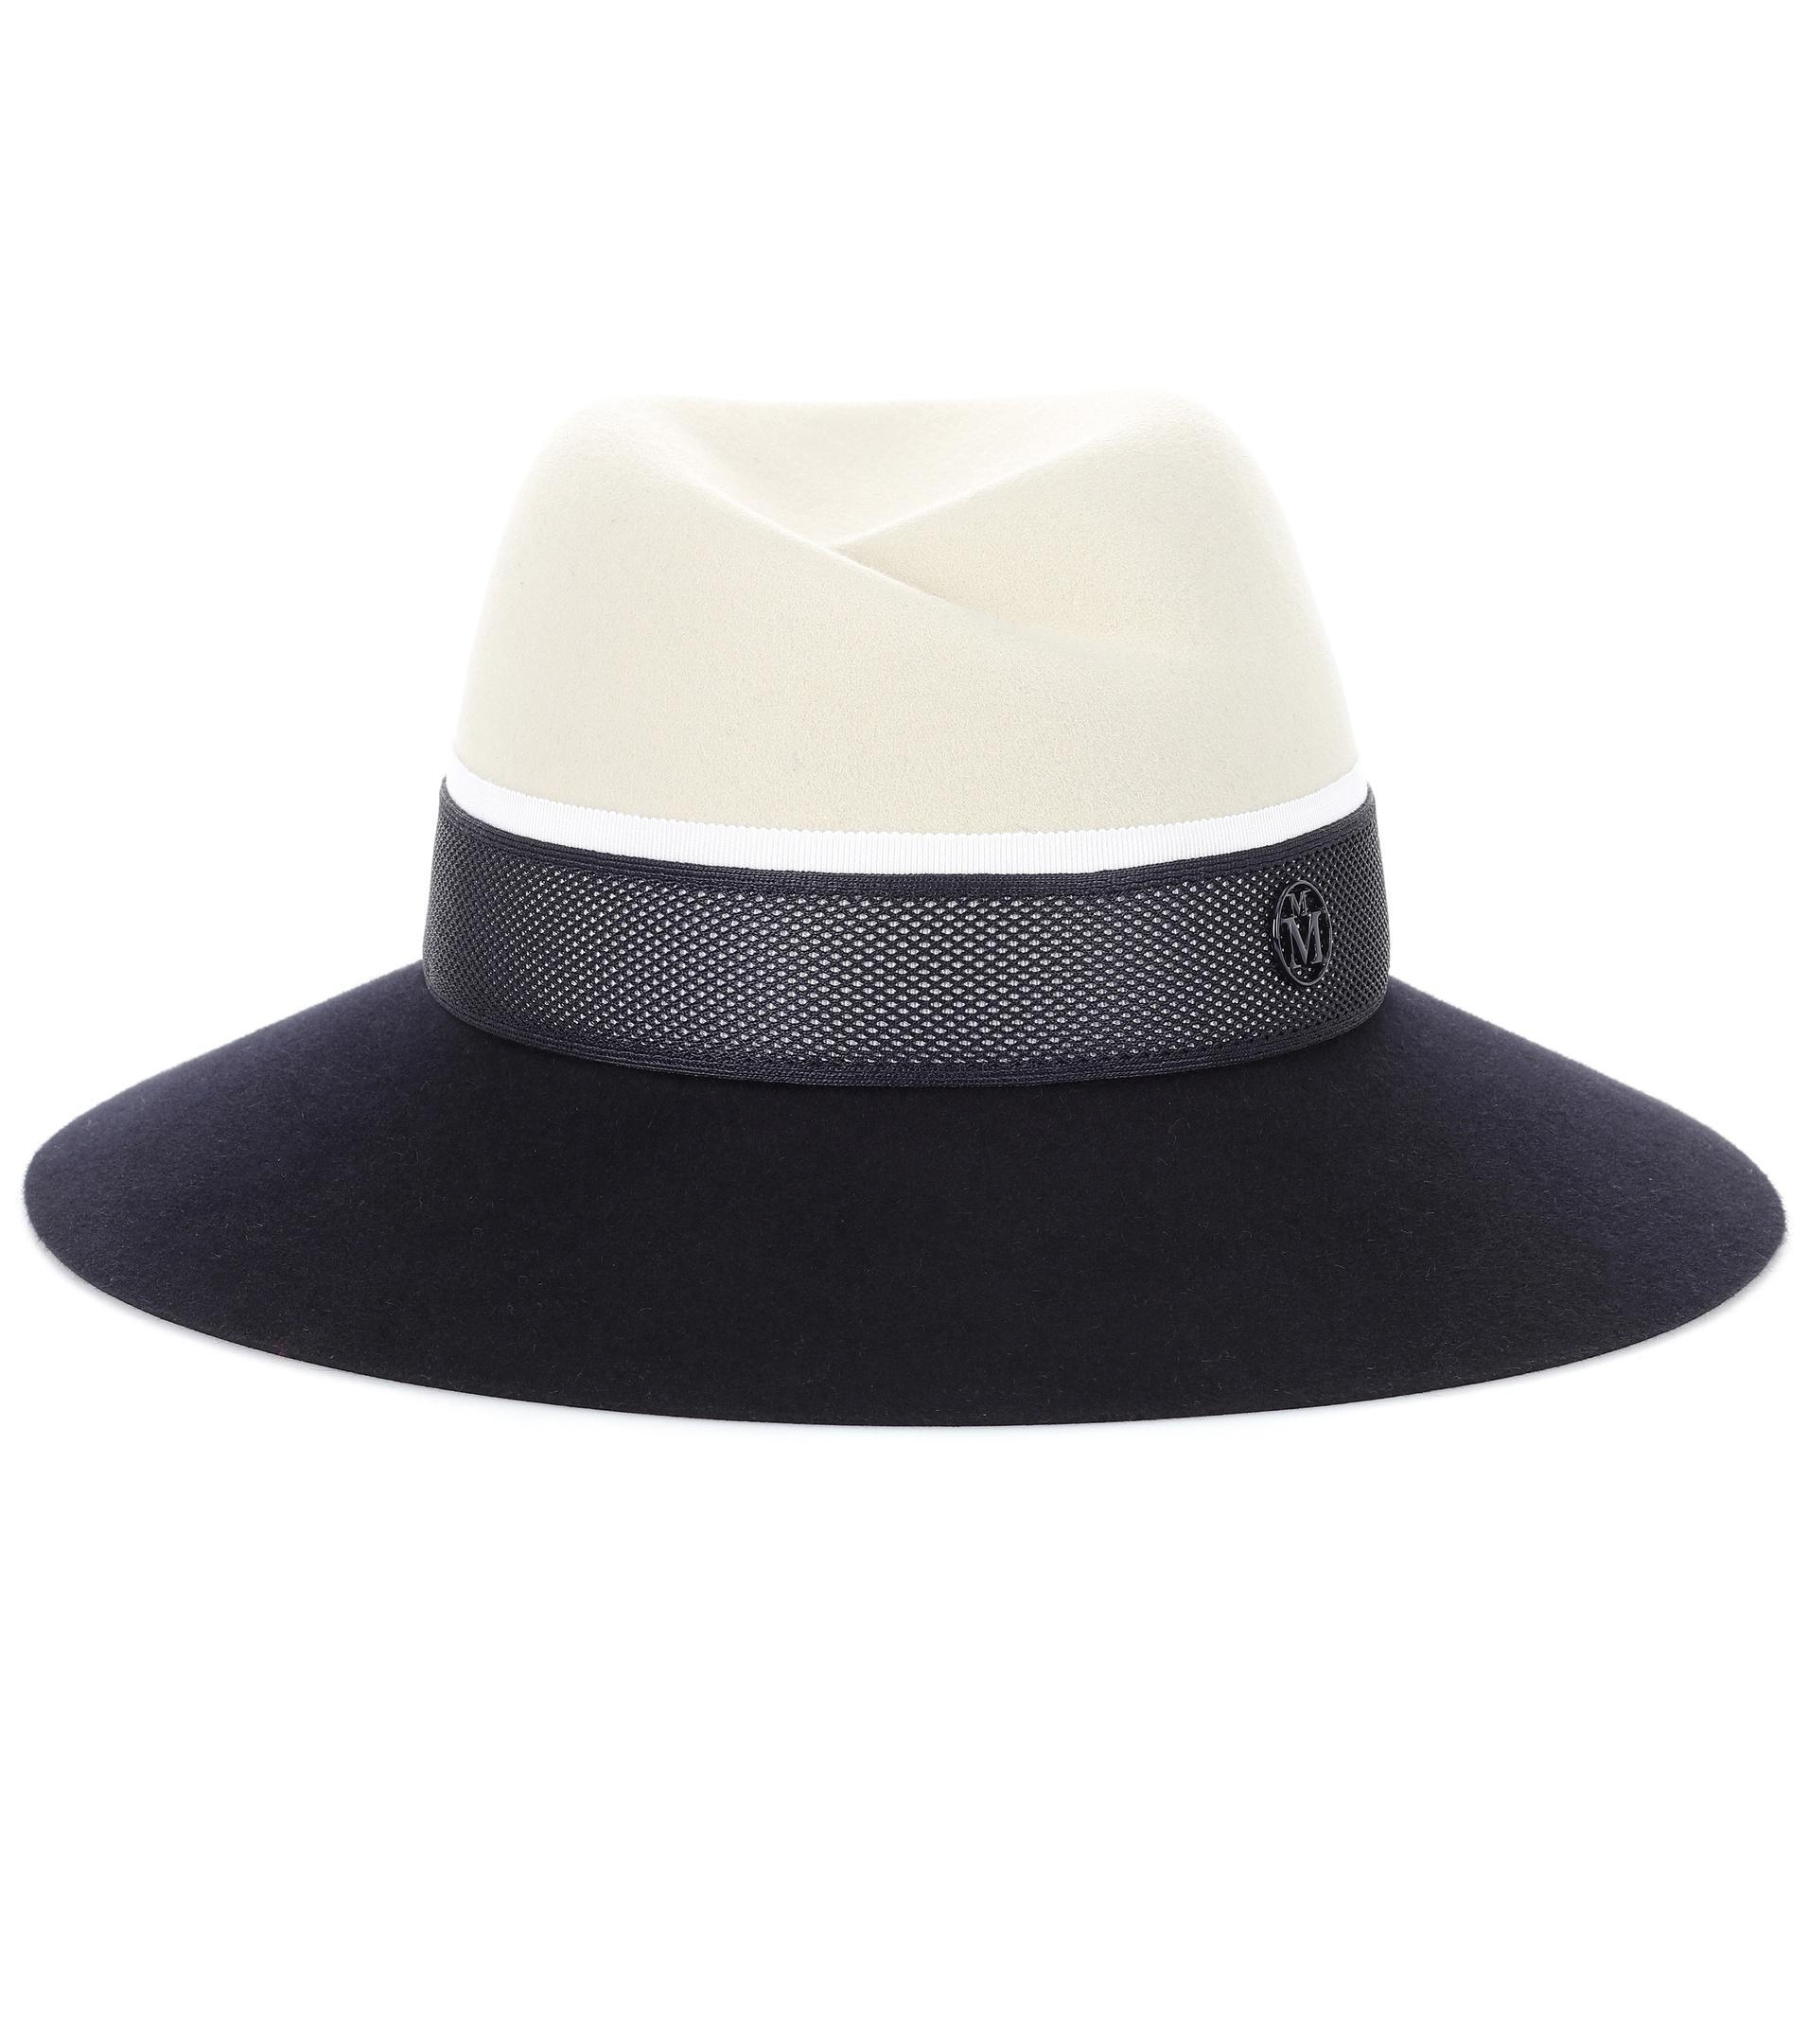 navy Virginie rabbit felt hat - Blue Maison Michel UekVYufxcl